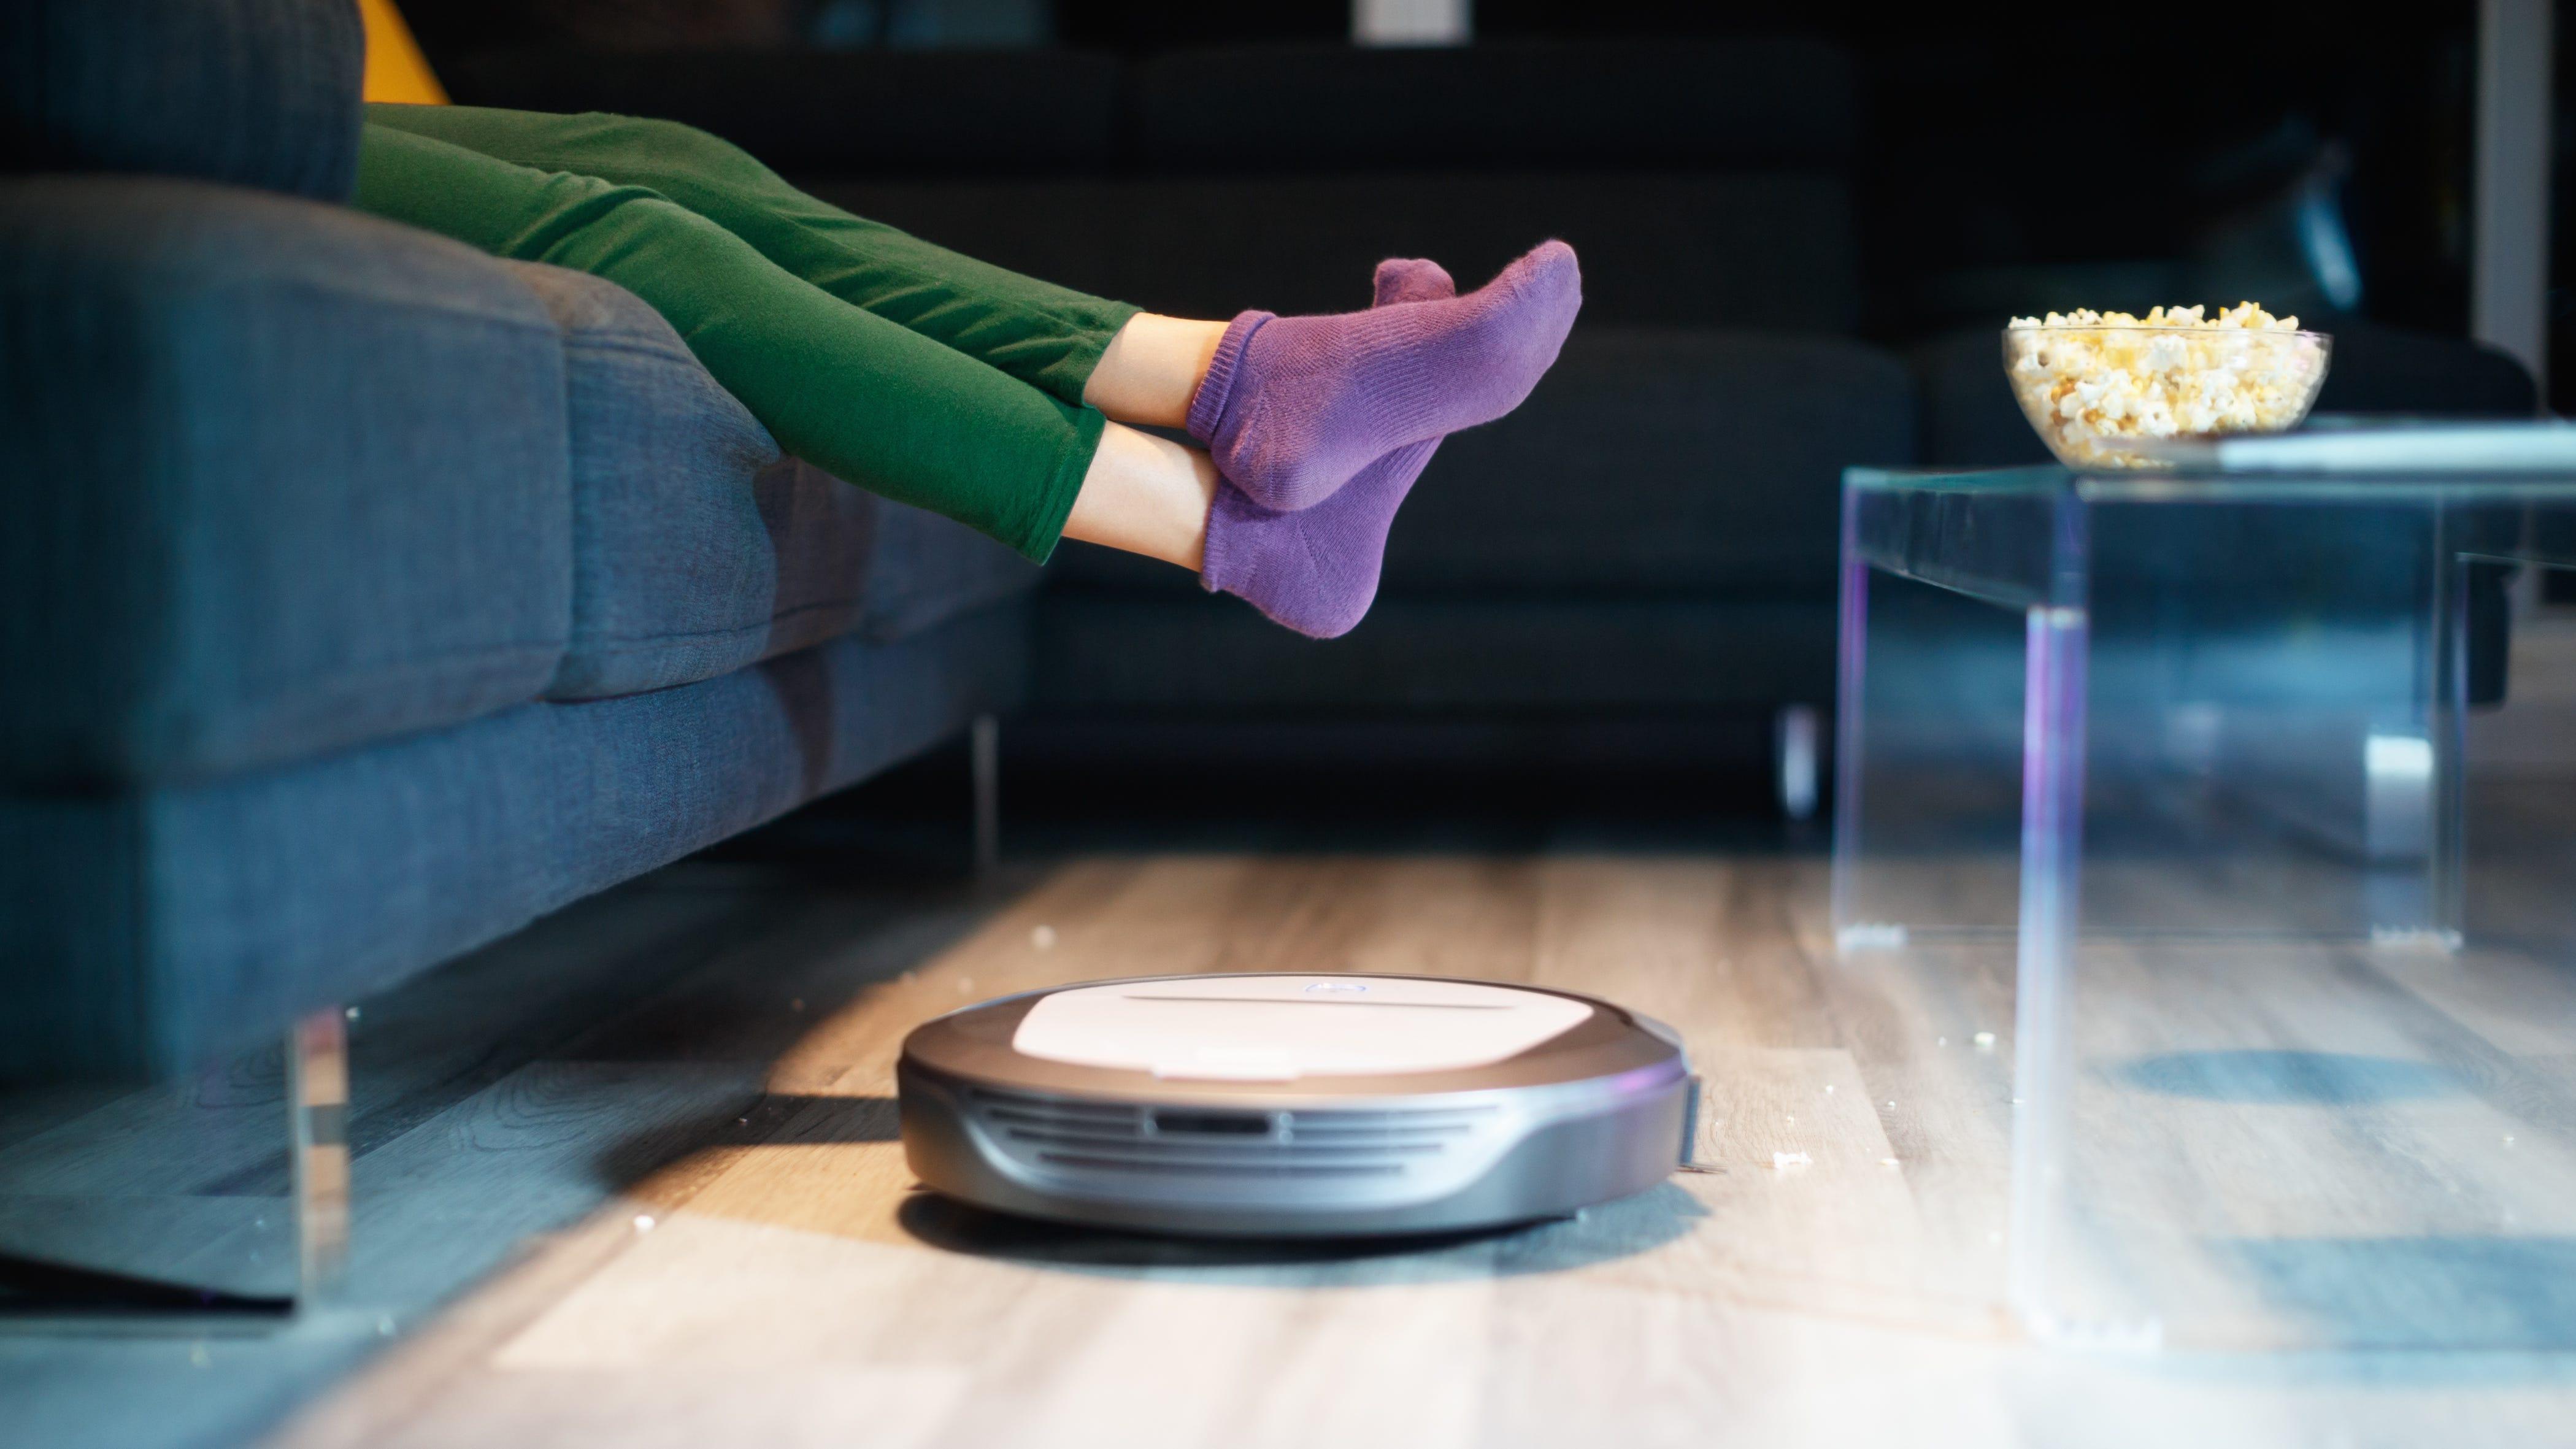 Win a Robot Vacuum